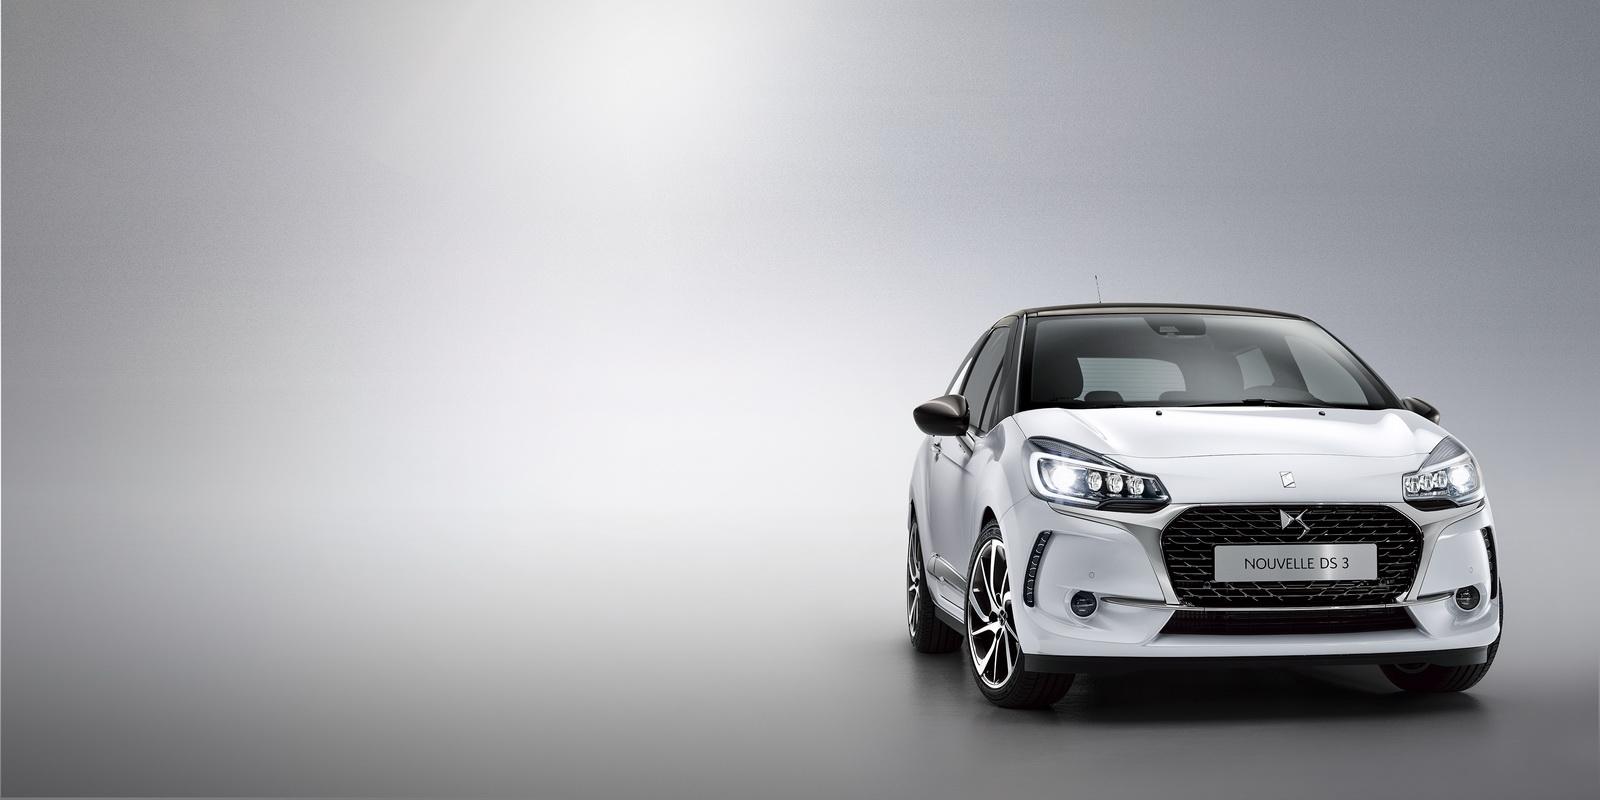 DS Automobiles - 2016 - Nouvelle DS 3 - avant / front